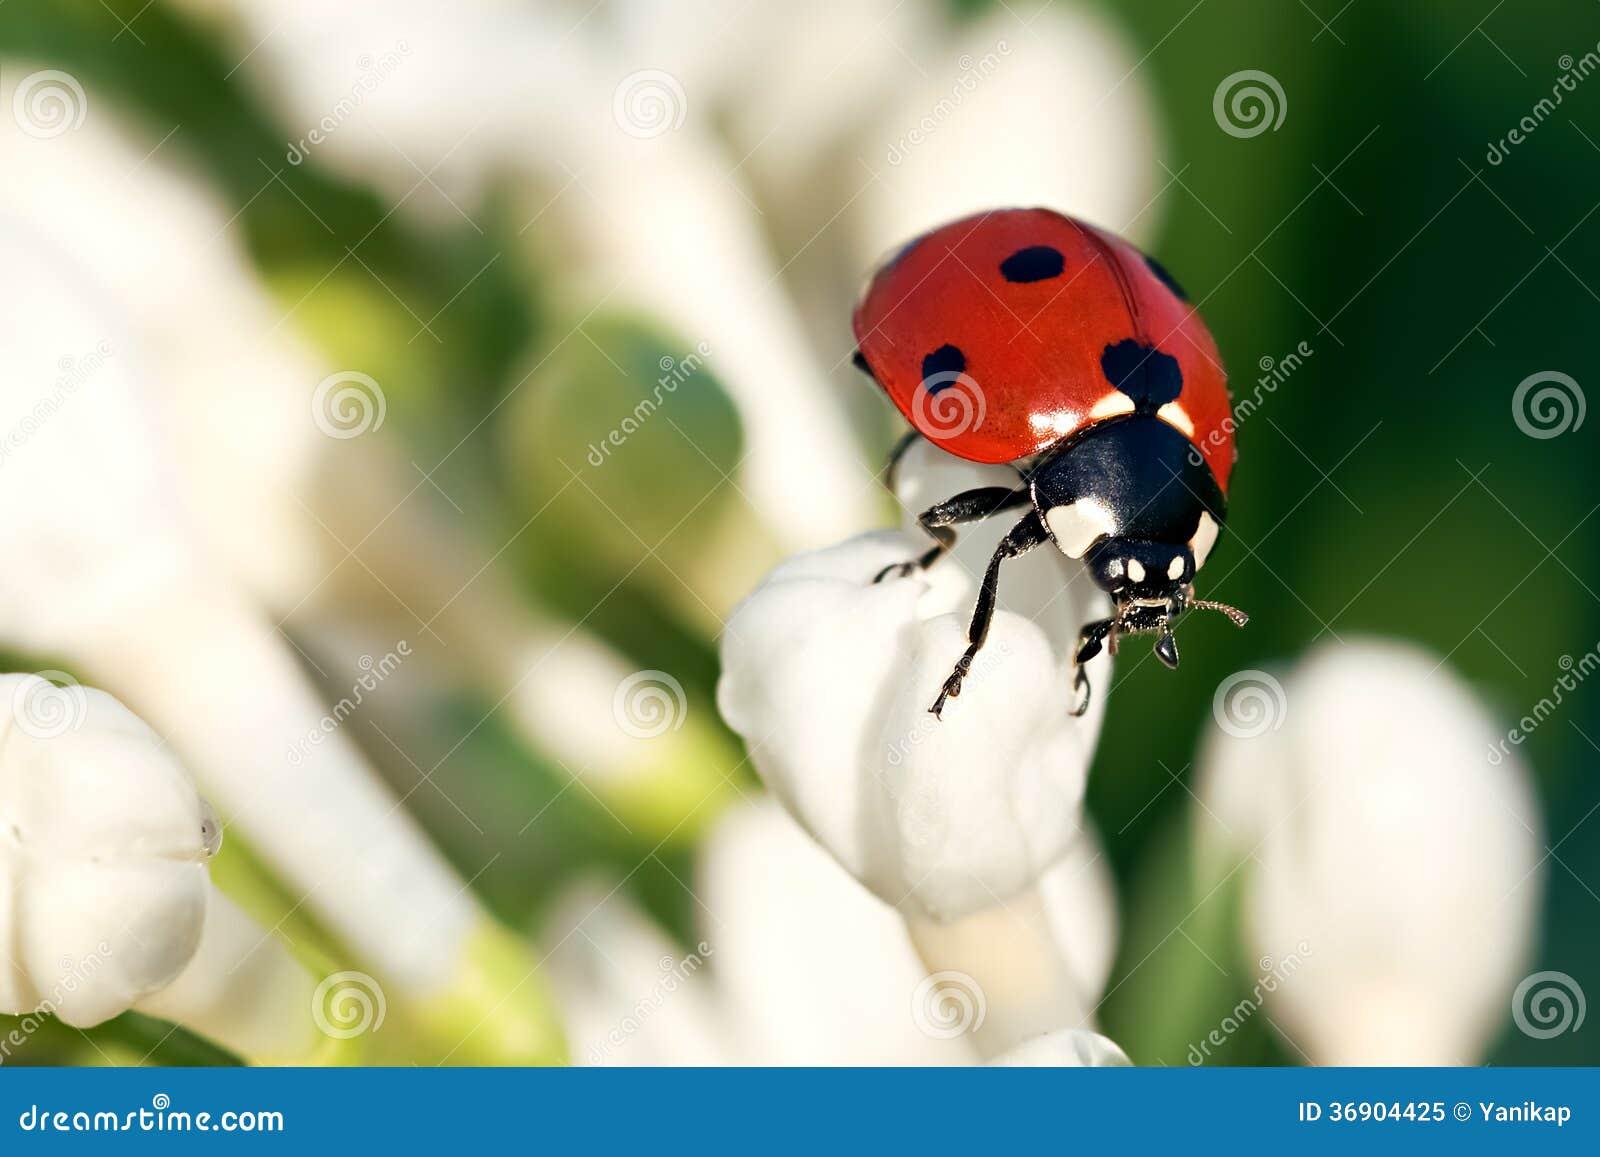 Der Marienkäfer Kriecht Auf Weiße Blumen Stockbild Bild Von Blume